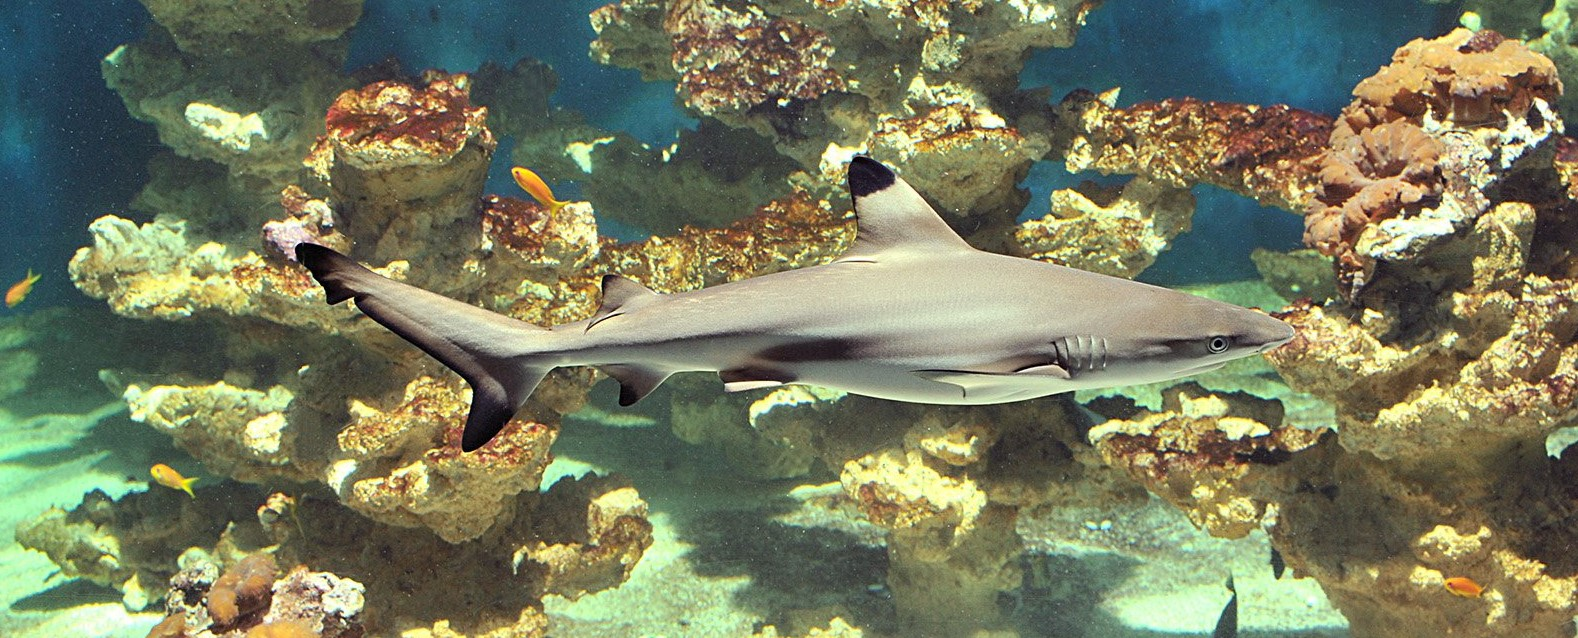 Aquarium Museum Liege Belgium